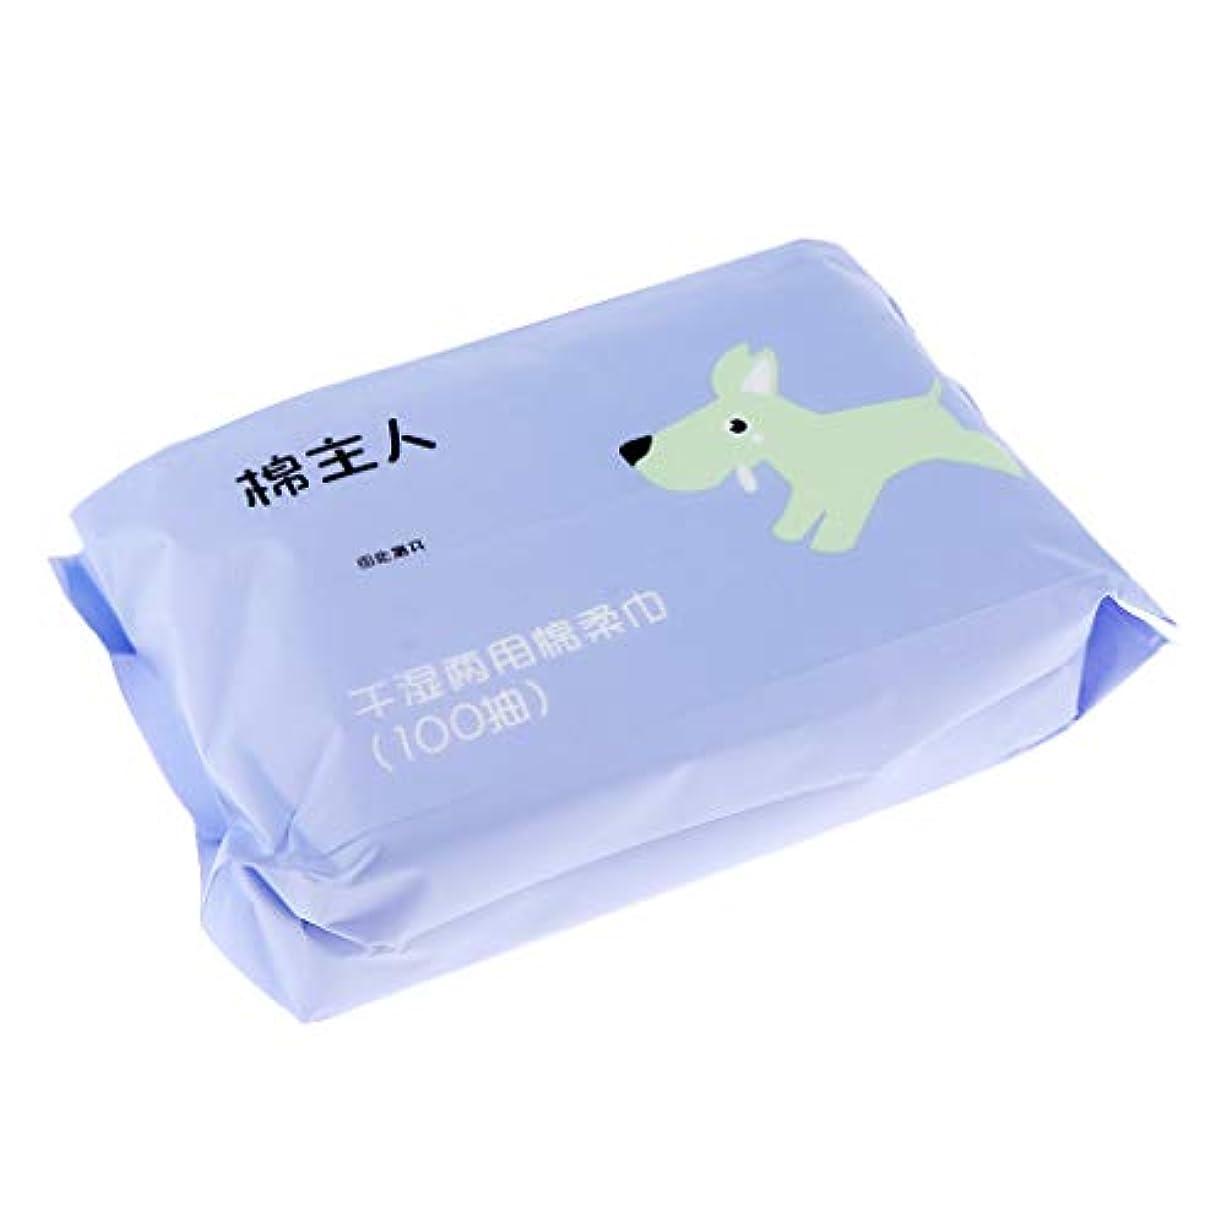 宣言トラフ副約100枚 使い捨て クレンジングシート メイク落とし 化粧品 ソフト 2色選べ - 青紫